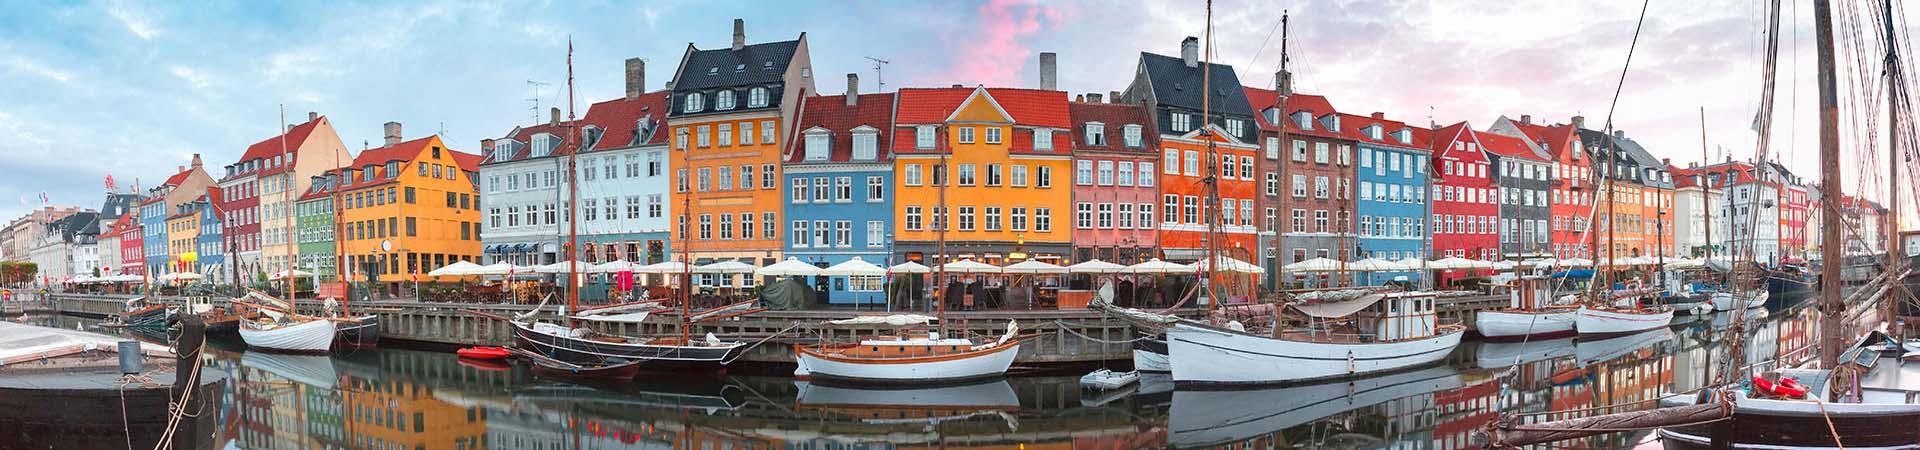 تور کپنهاگ